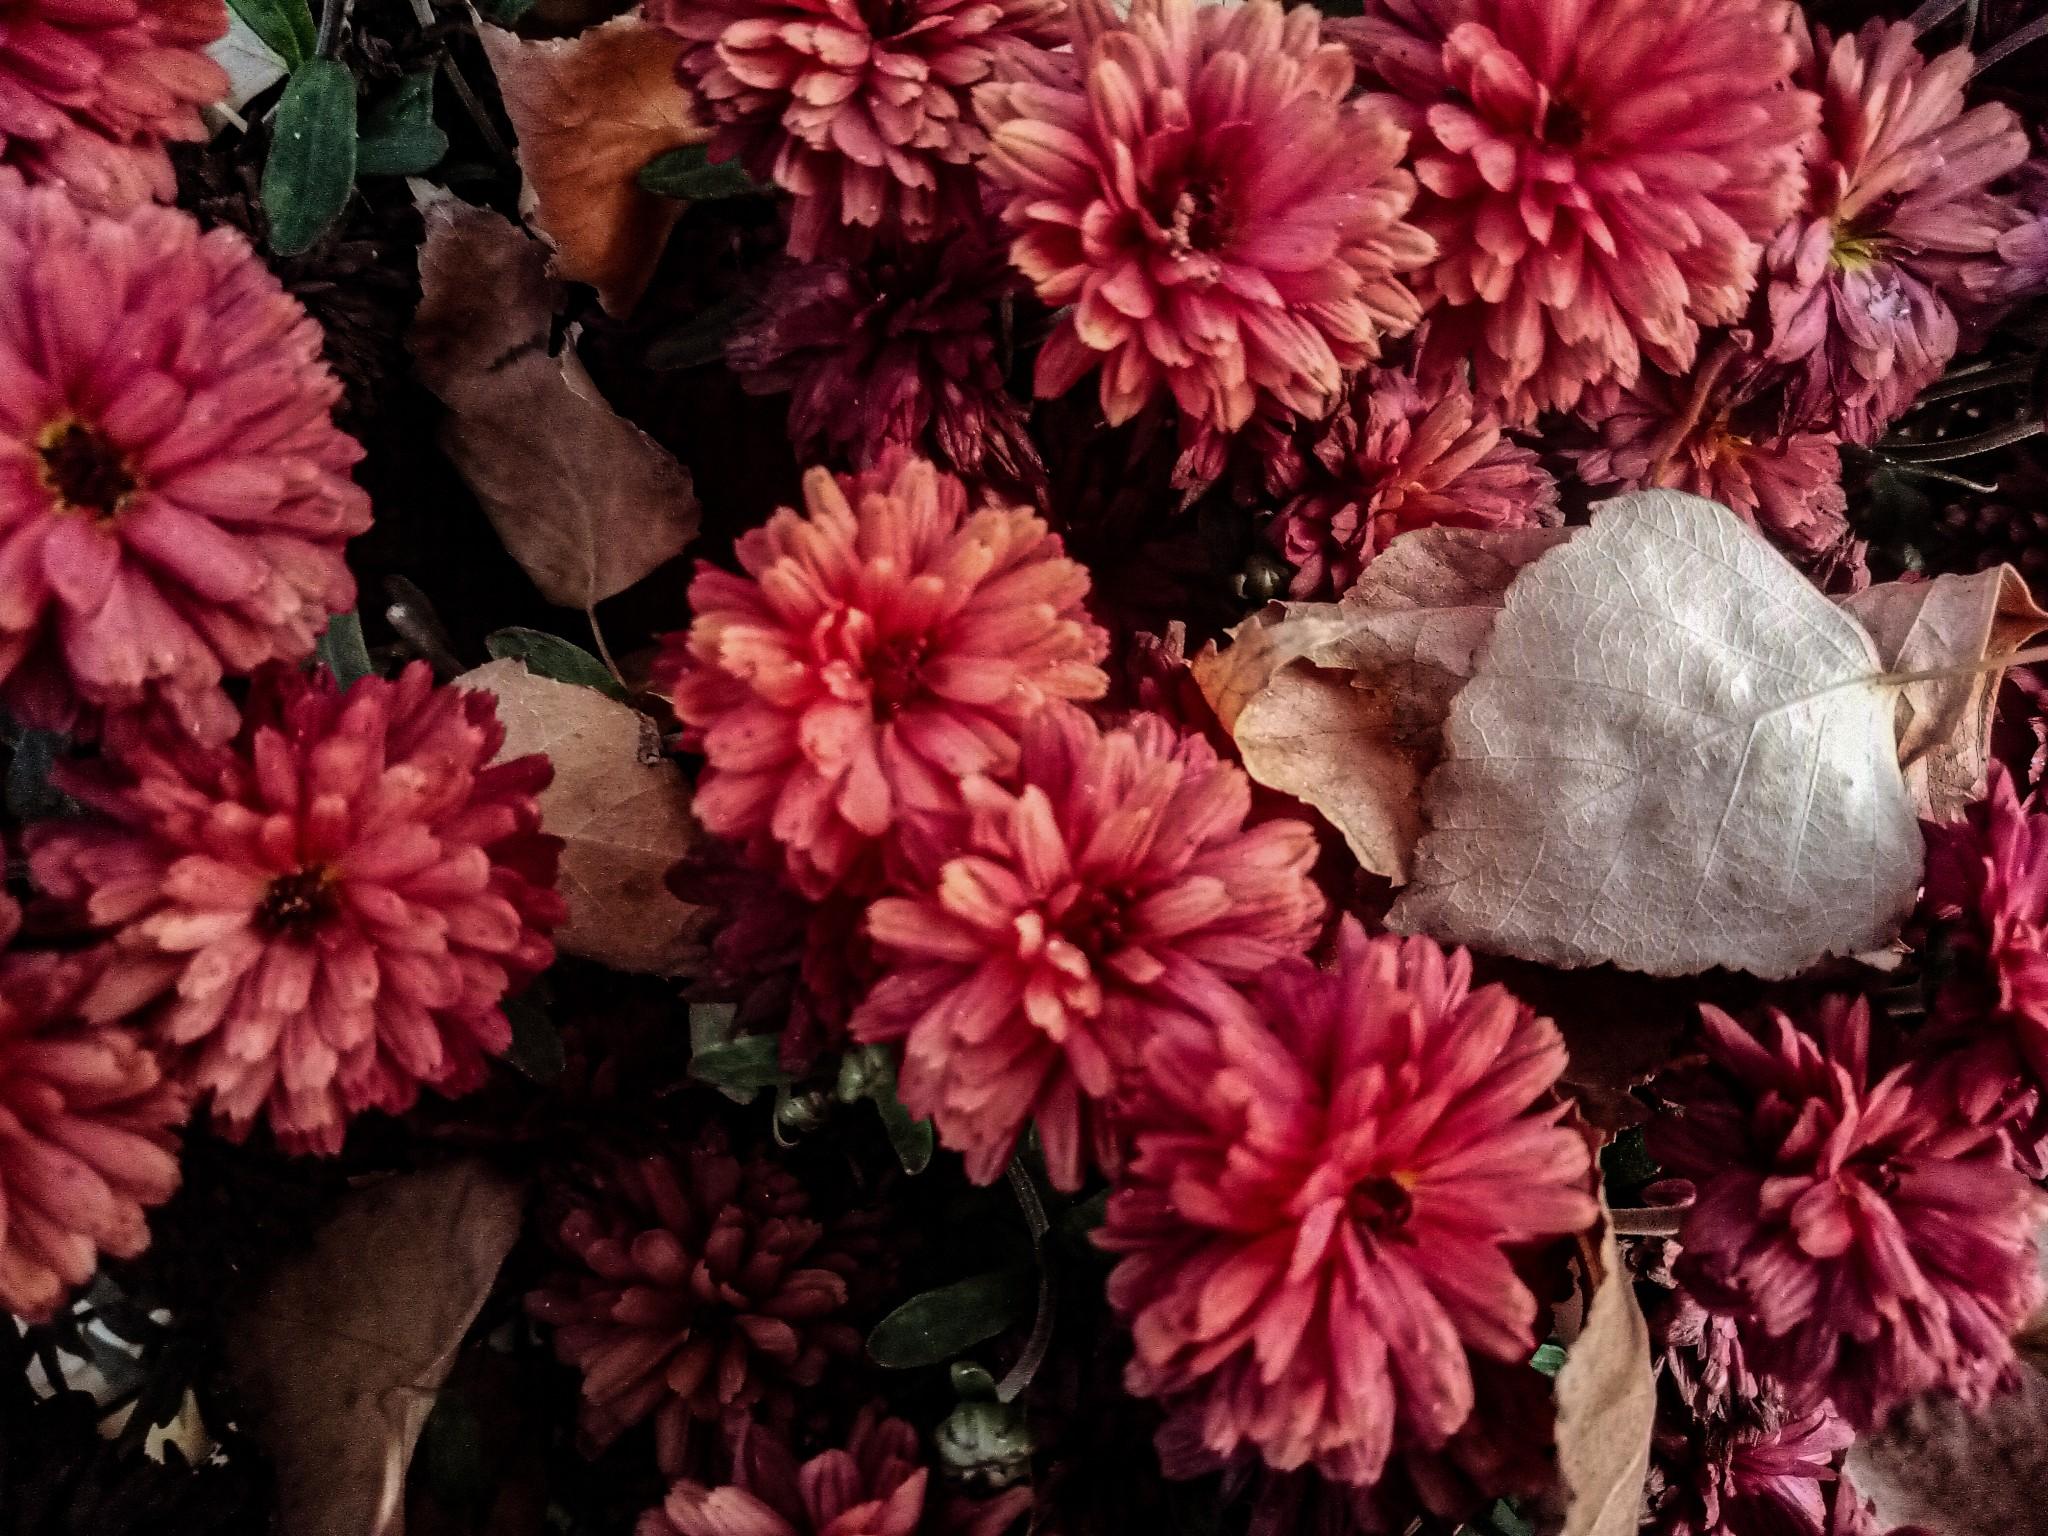 Chrysanthemums photo 2